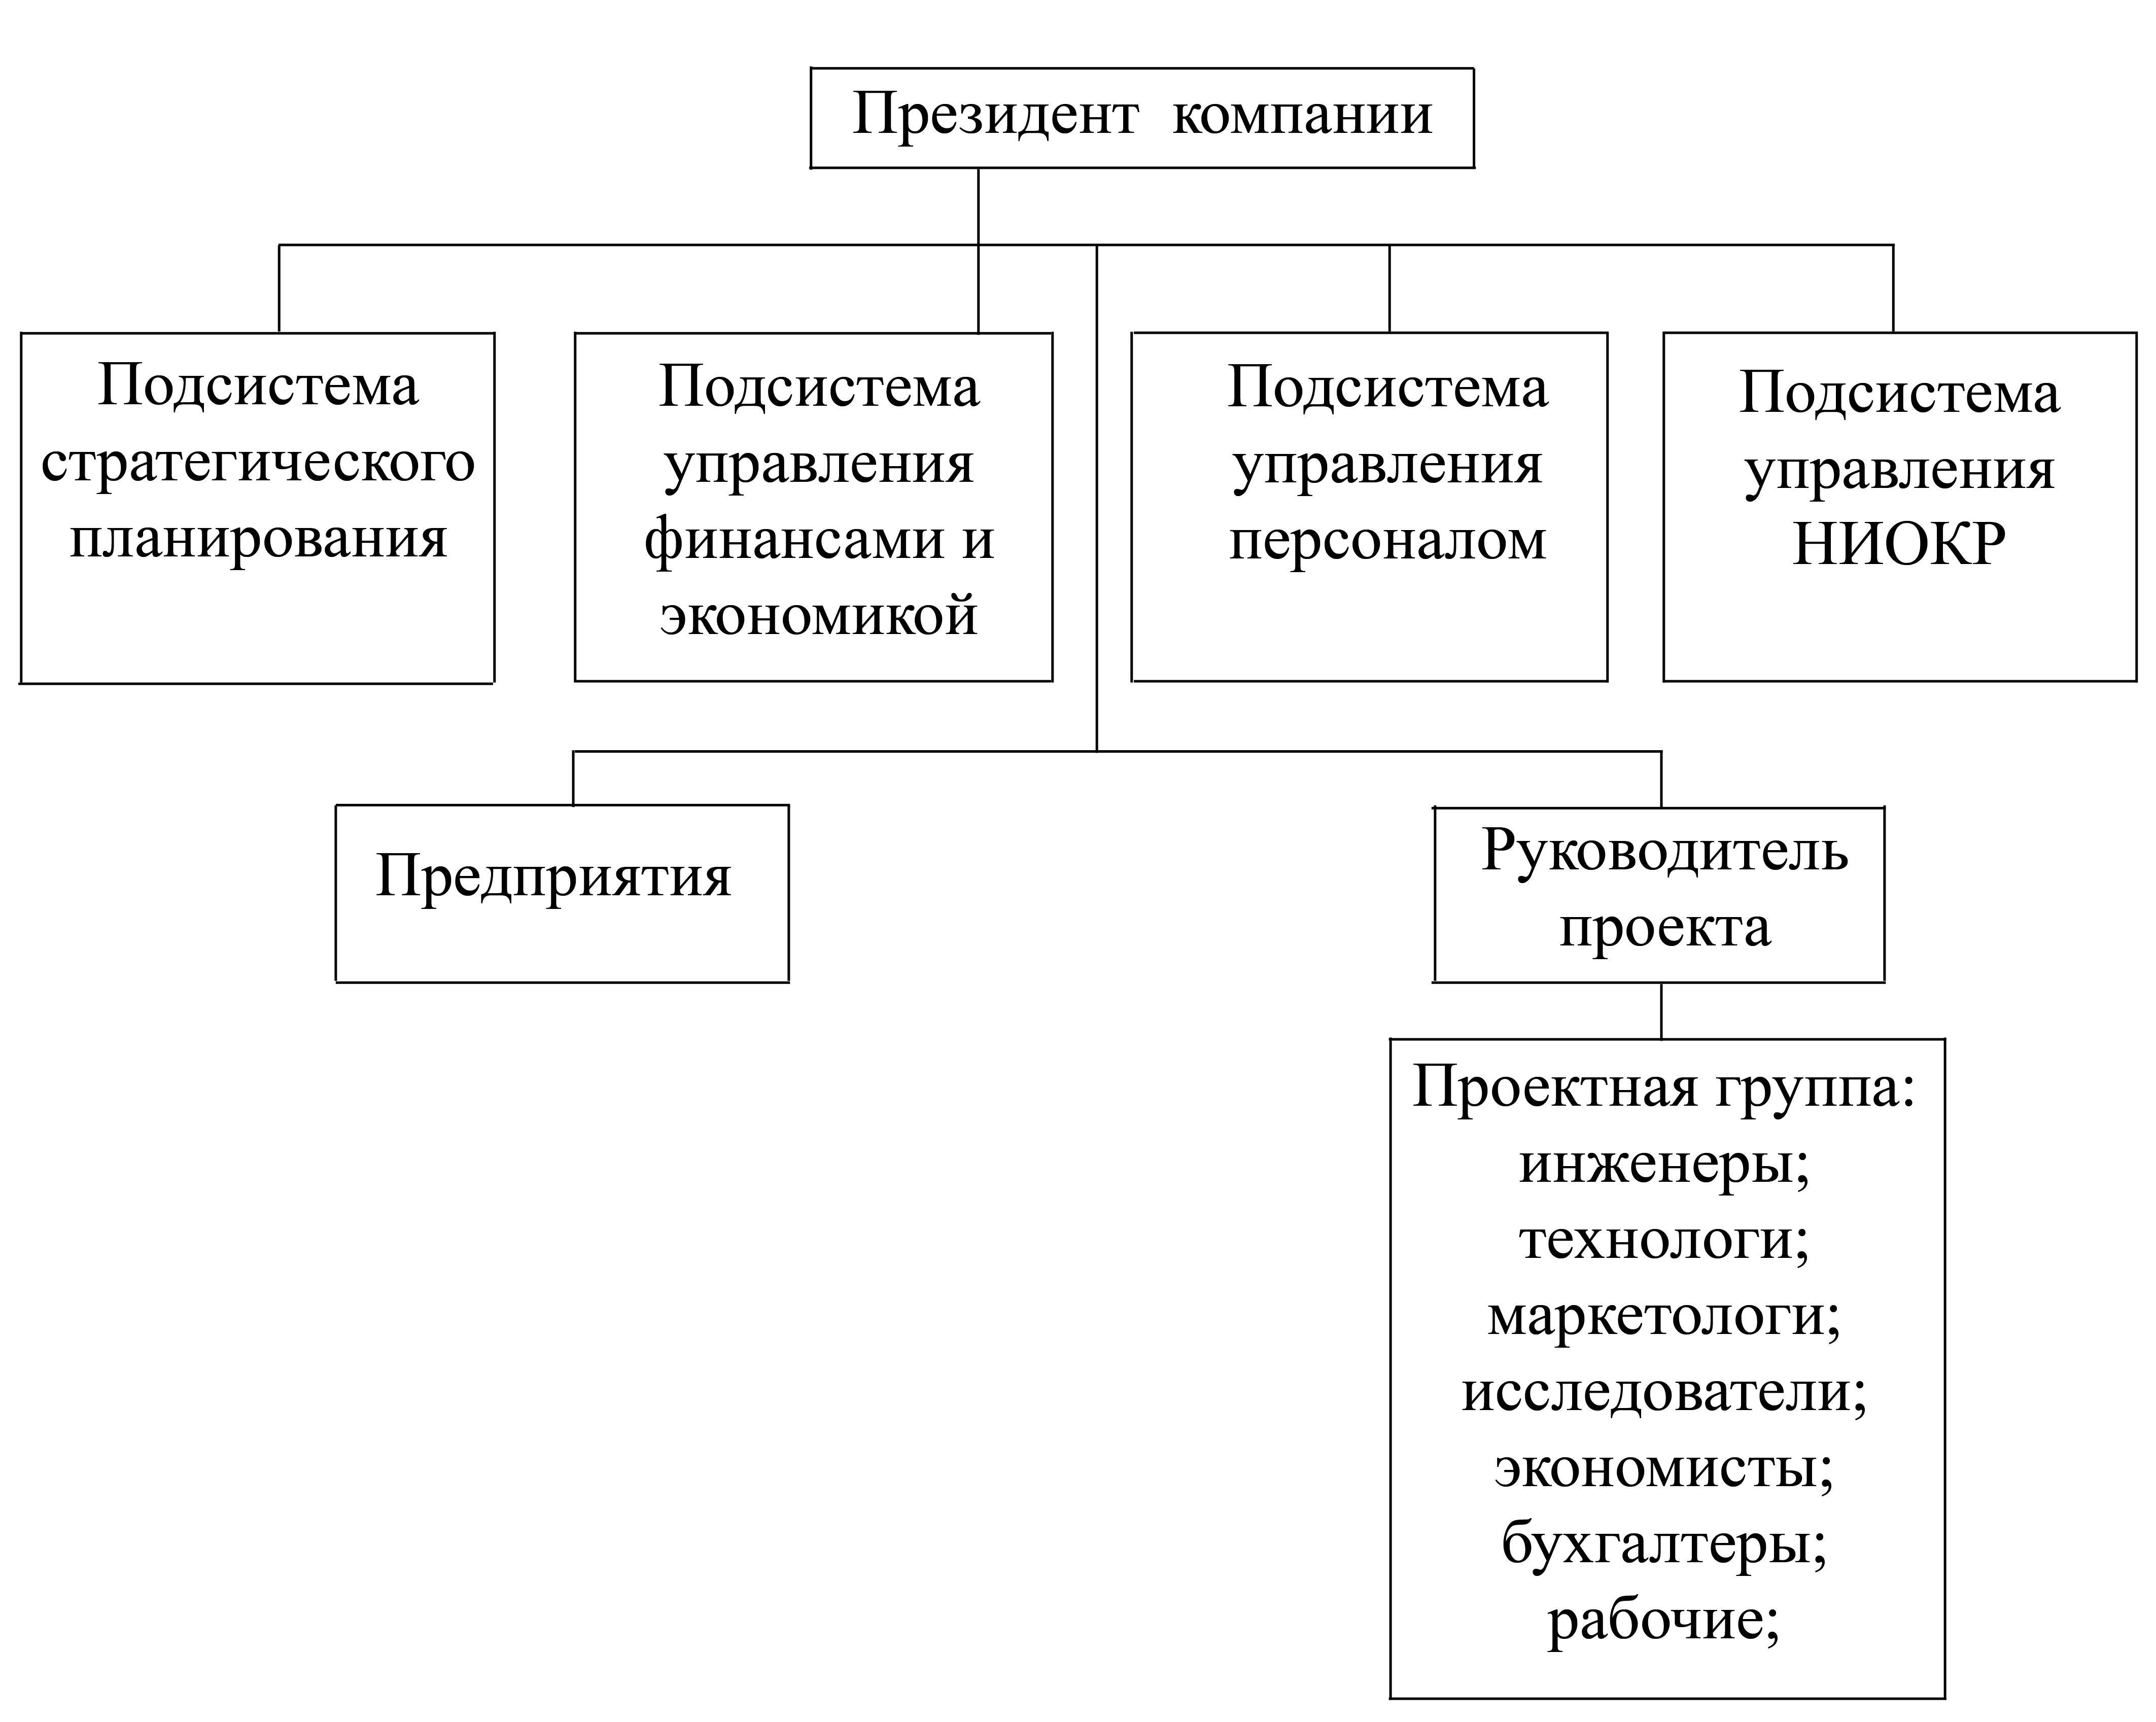 Реферат адаптивные структуры управления 6178